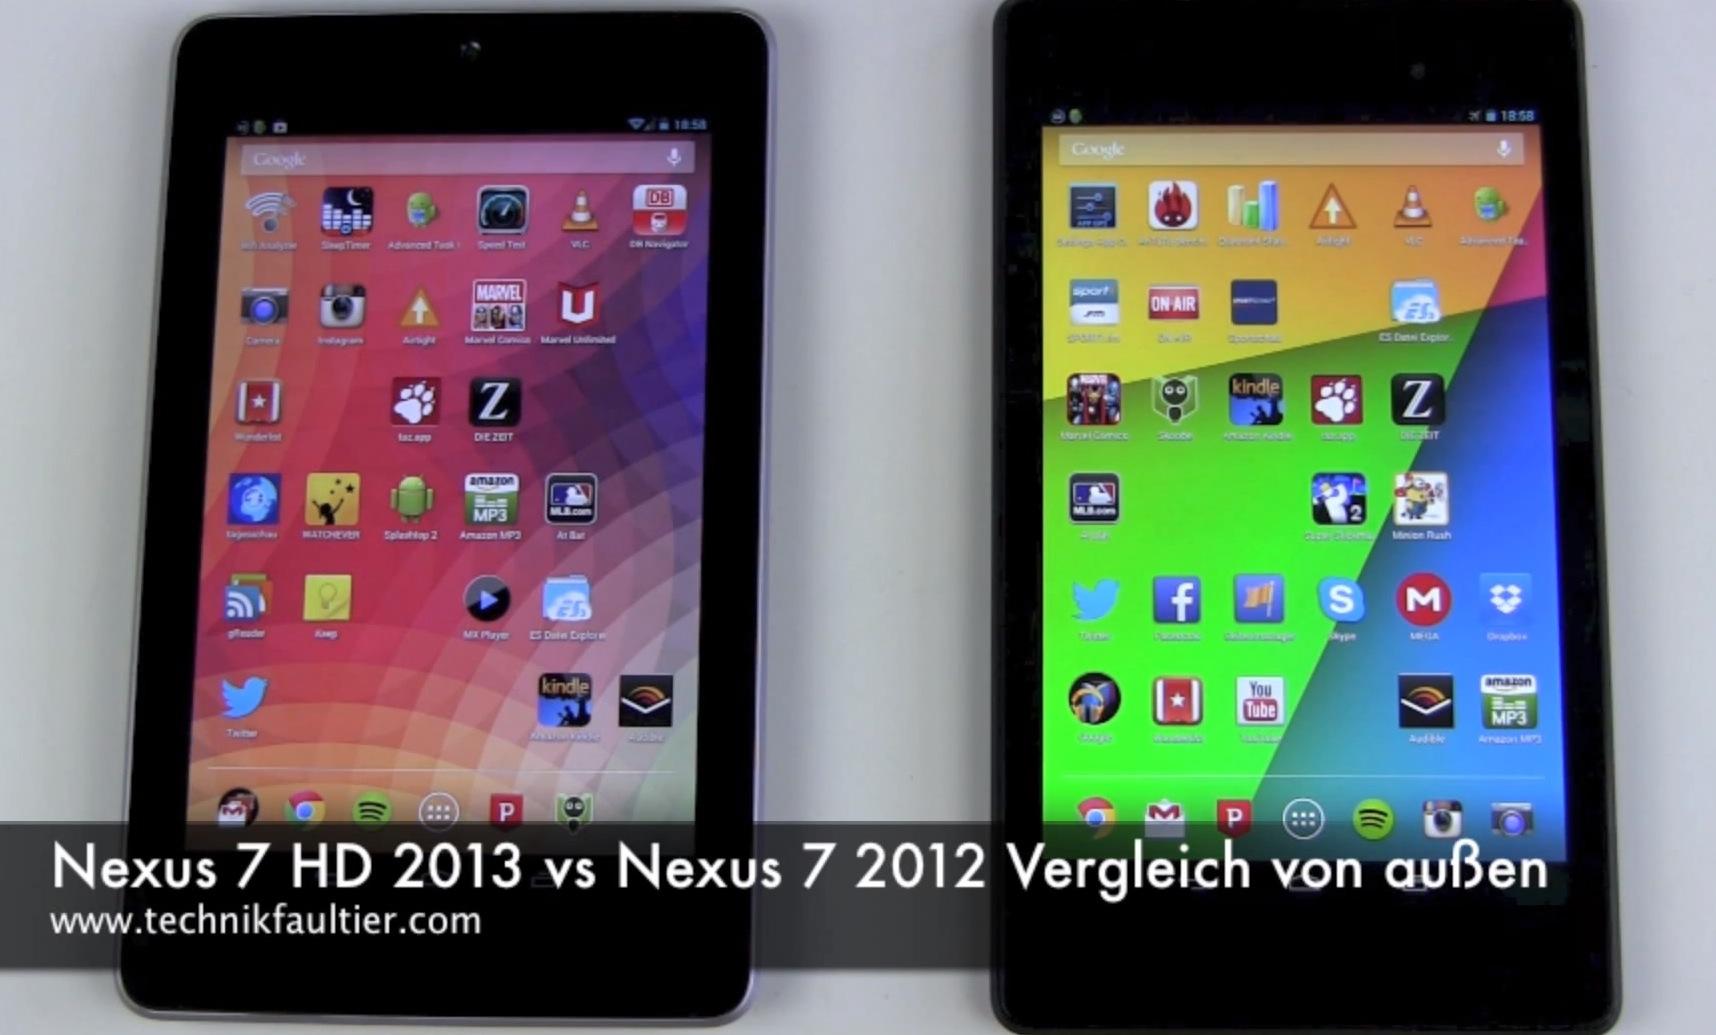 Nexus 7 2013 vs 2012